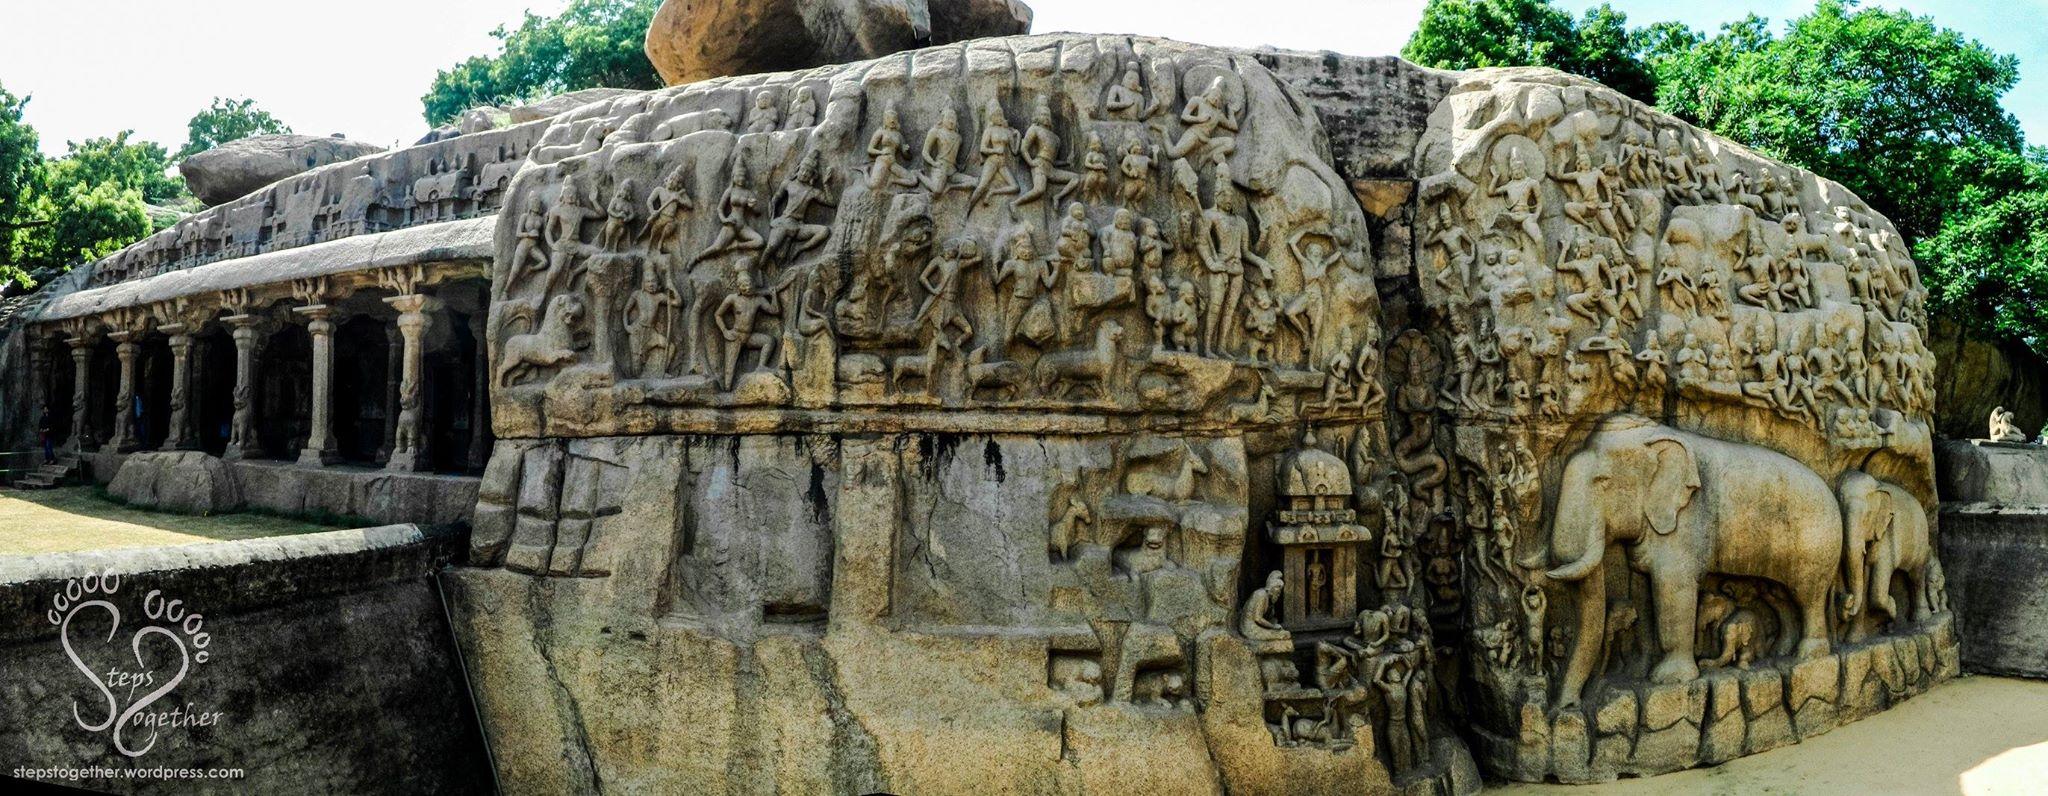 Descent of the Ganges (Arjuna's Penance)